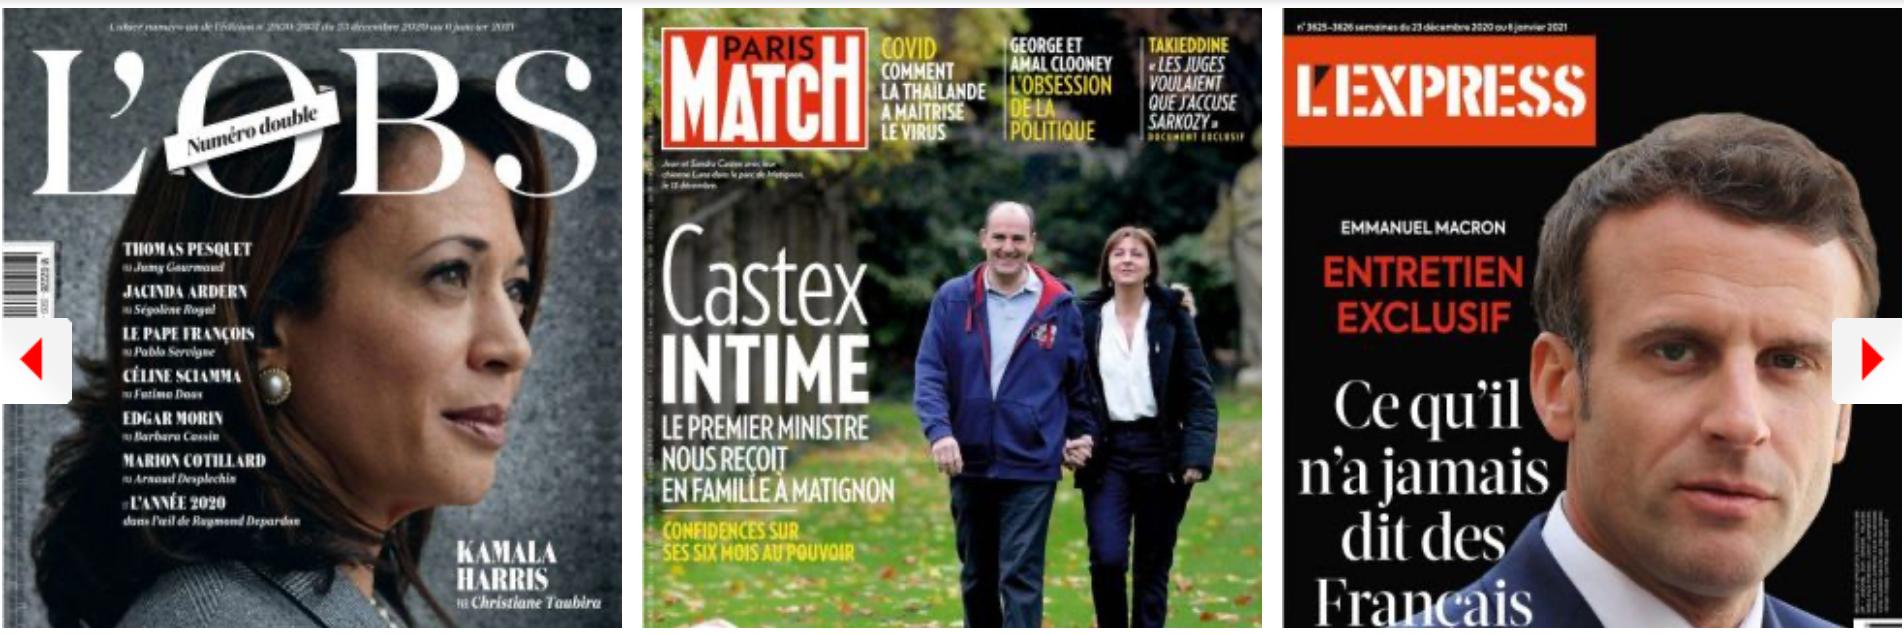 Emmanuel Macron en veut aux élites françaises mondialisées, les ministres (même de droite) à Gérald Darmanin; Pécresse trouve des alliés dans la majorité, Jean Castex pas franchement